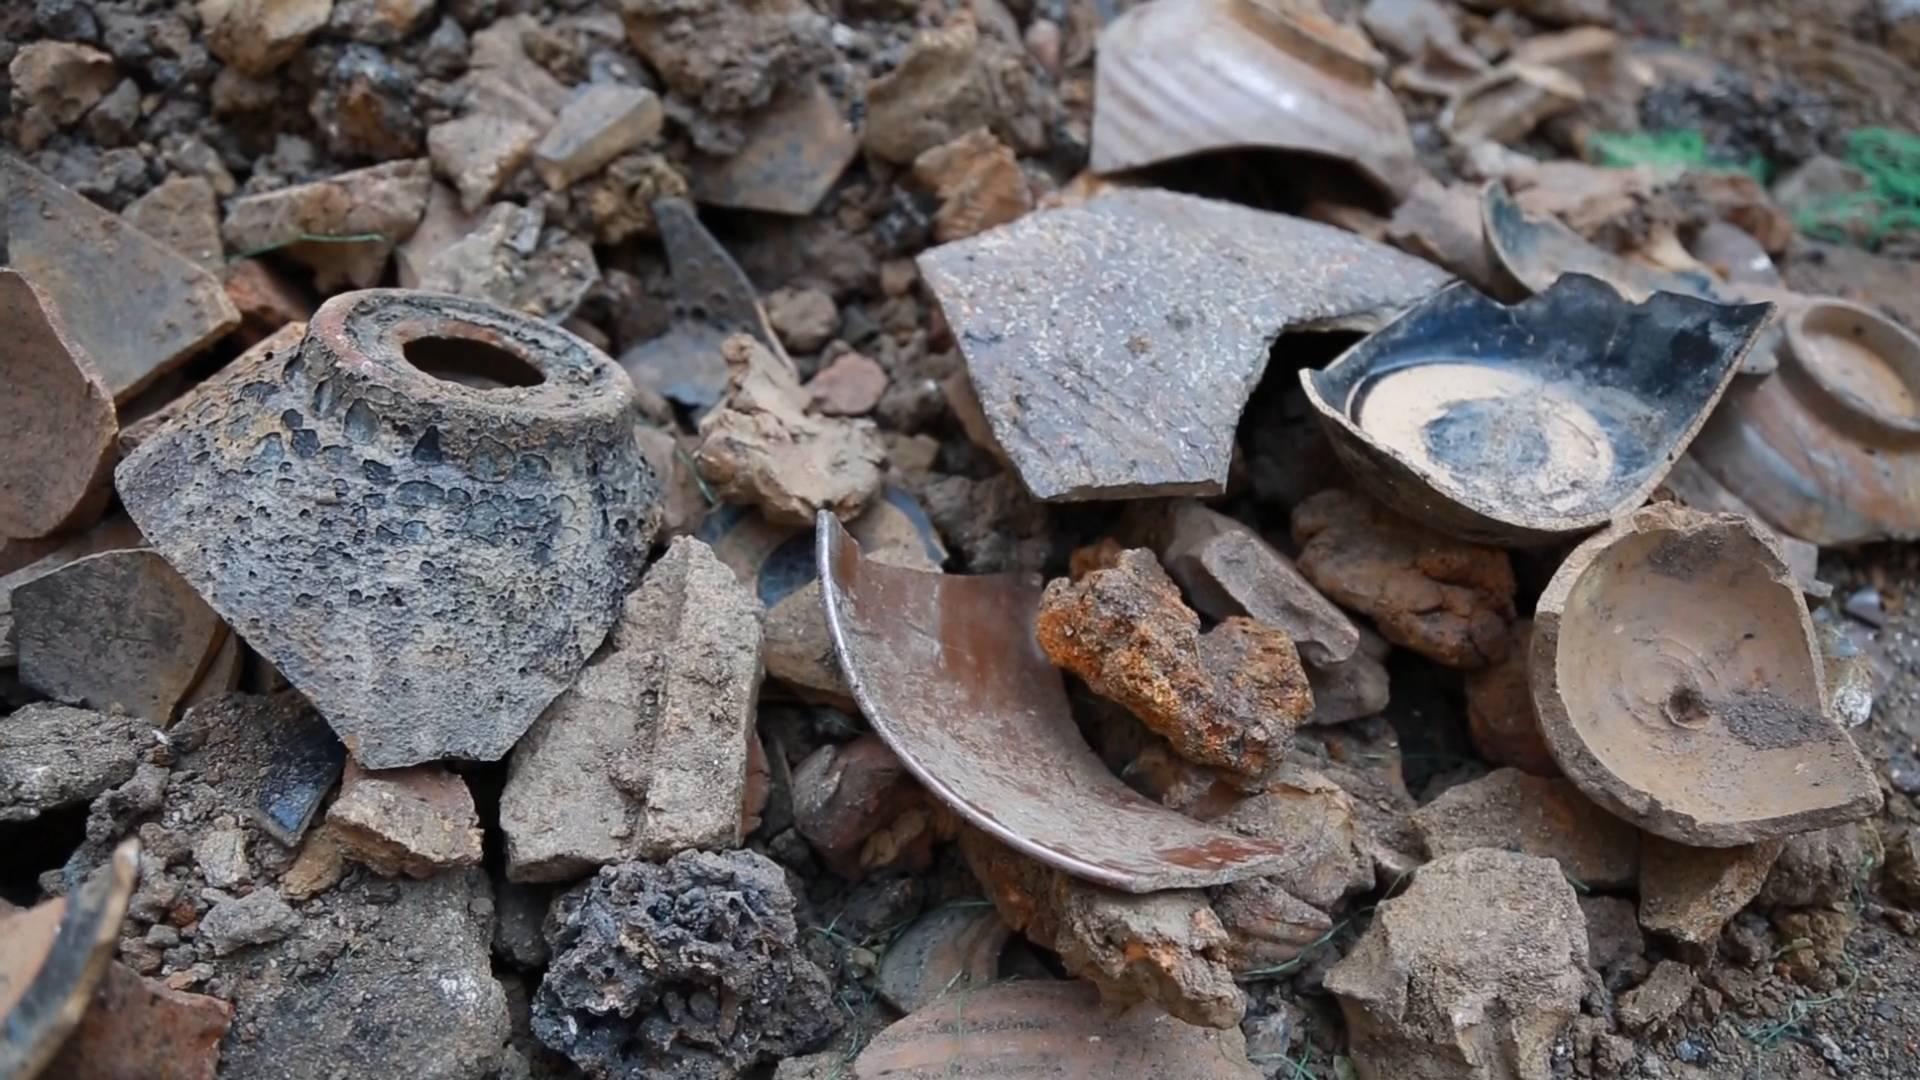 76秒 | 淄博:工地施工挖出大量瓷器  施工现场已经封存